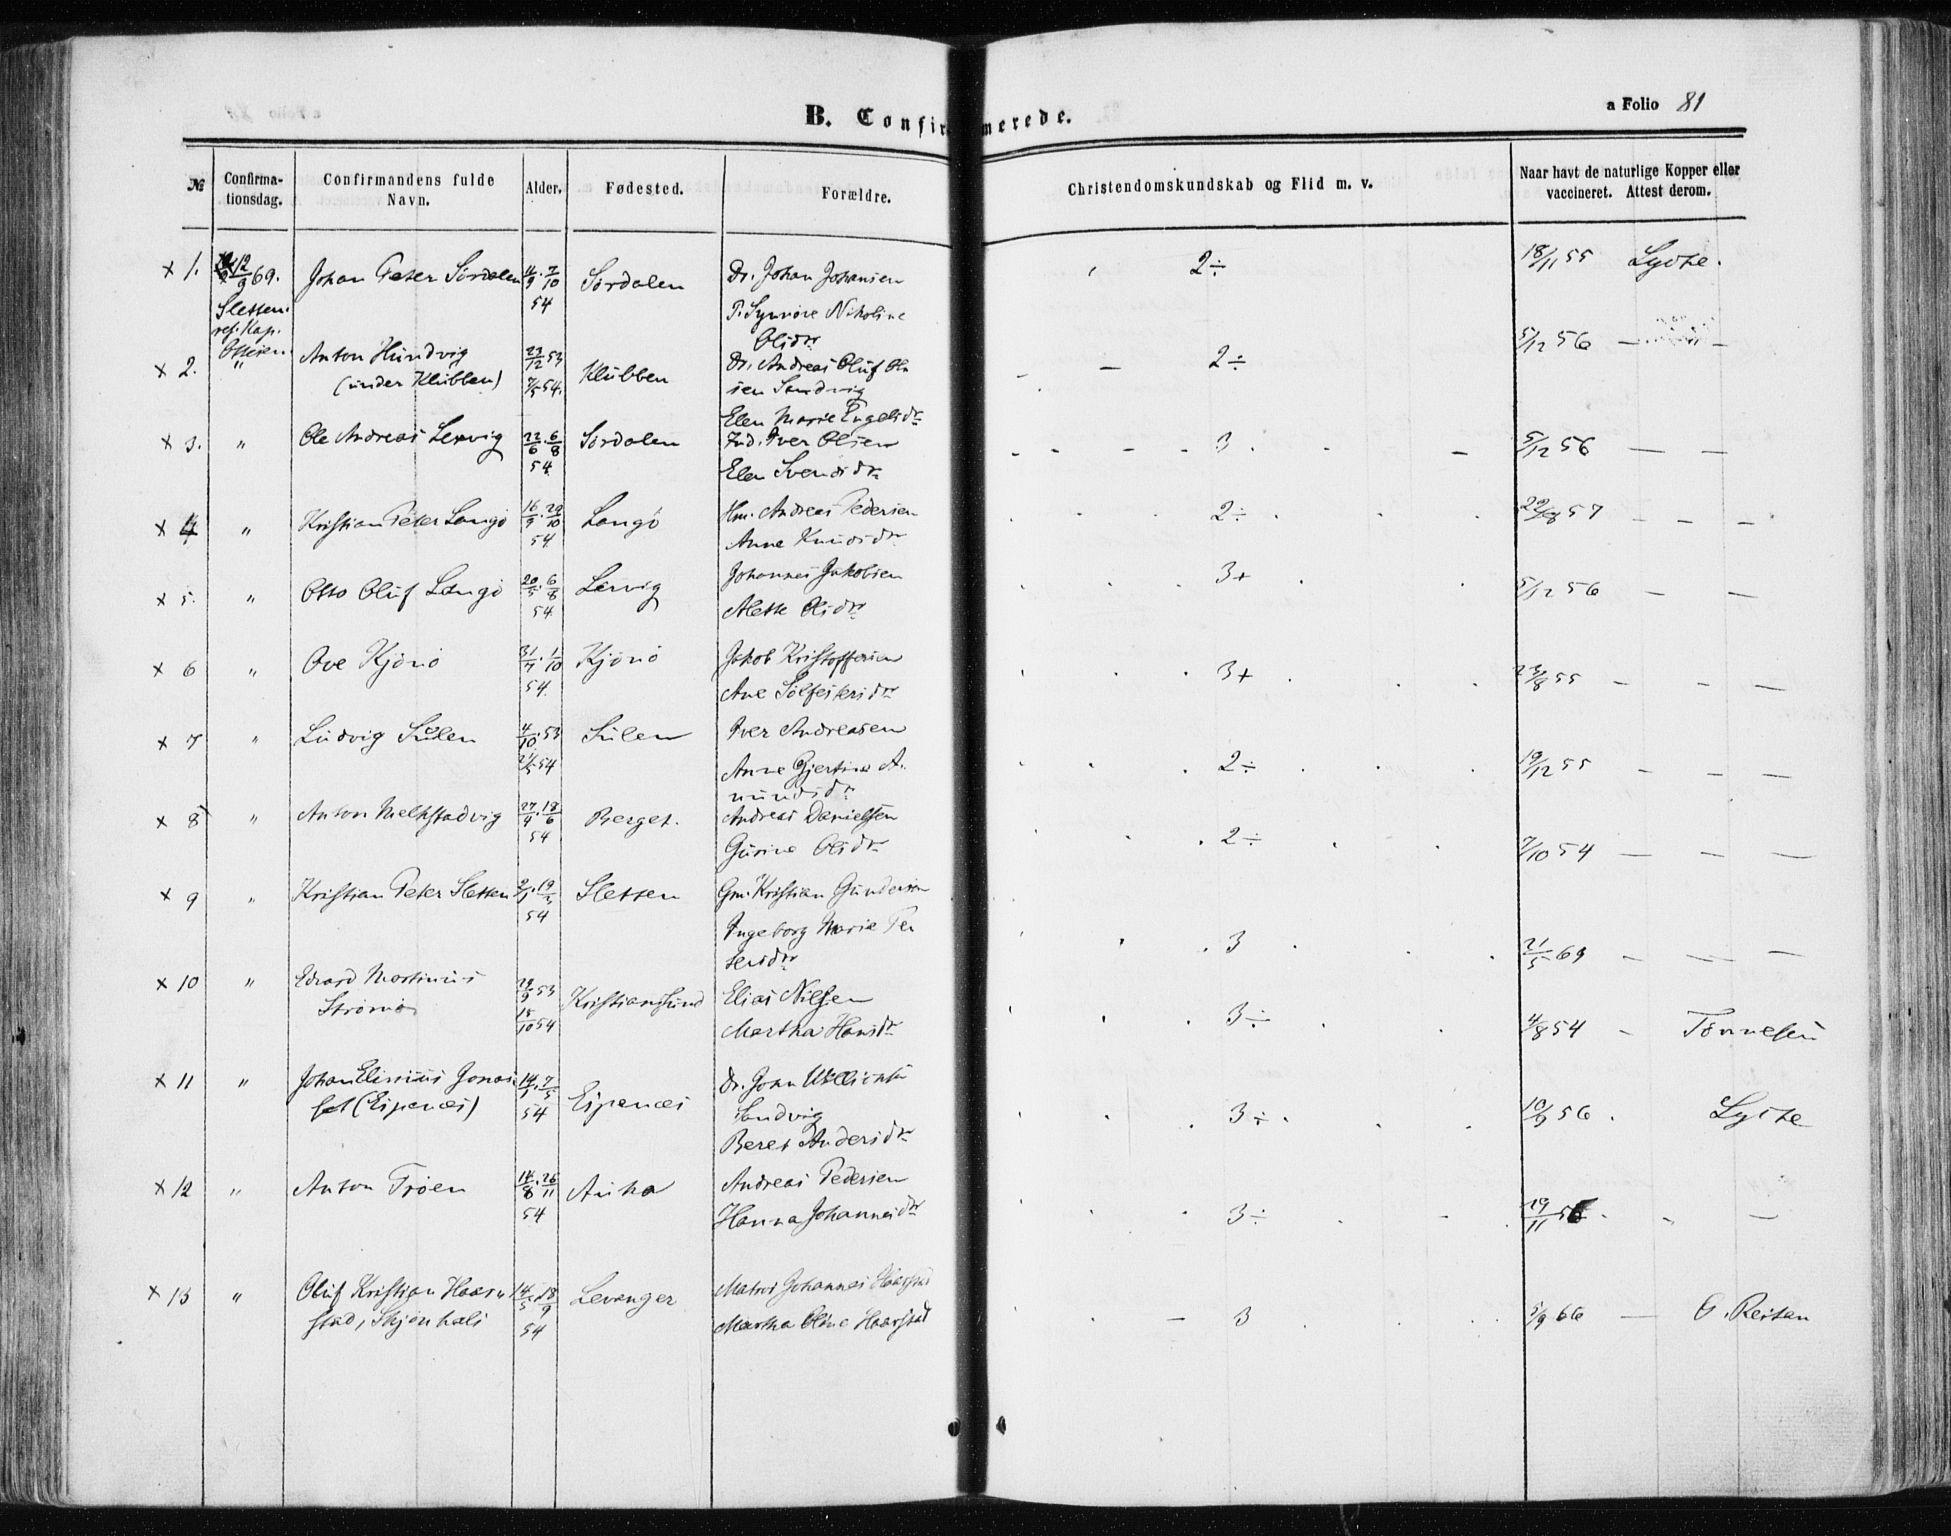 SAT, Ministerialprotokoller, klokkerbøker og fødselsregistre - Sør-Trøndelag, 634/L0531: Ministerialbok nr. 634A07, 1861-1870, s. 81